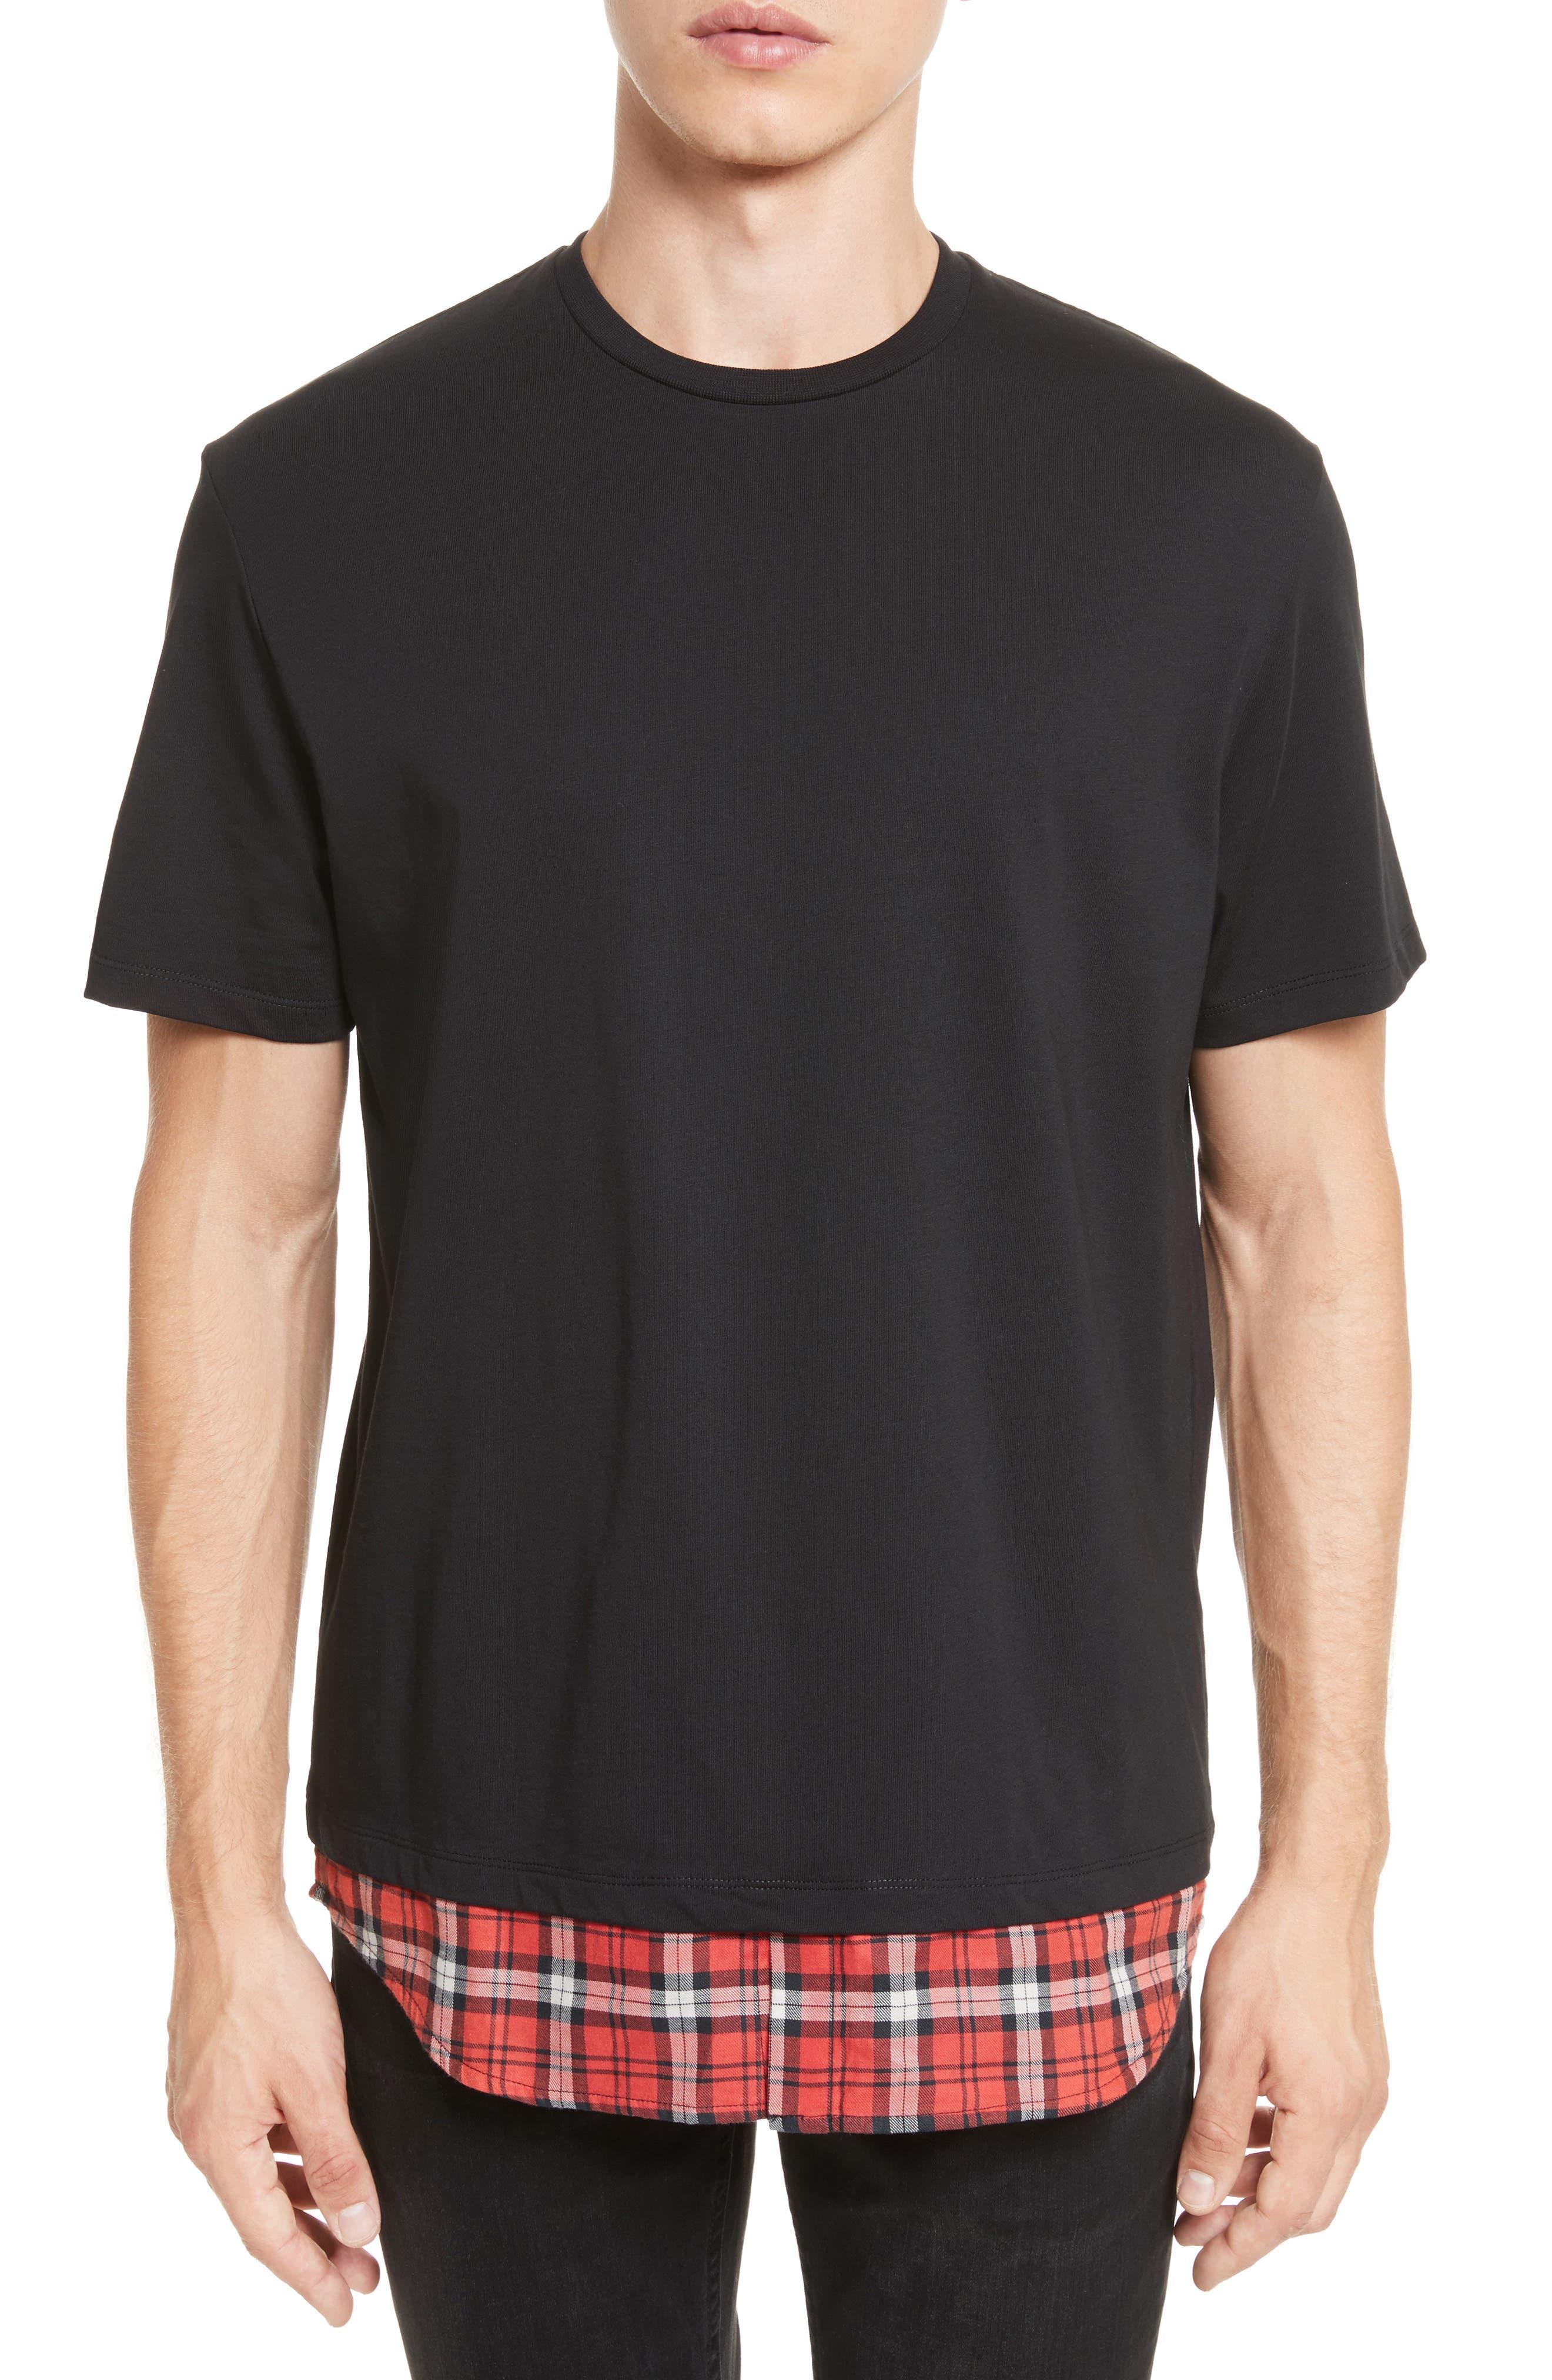 Neil Barrett Woven Panel Crewneck T-Shirt